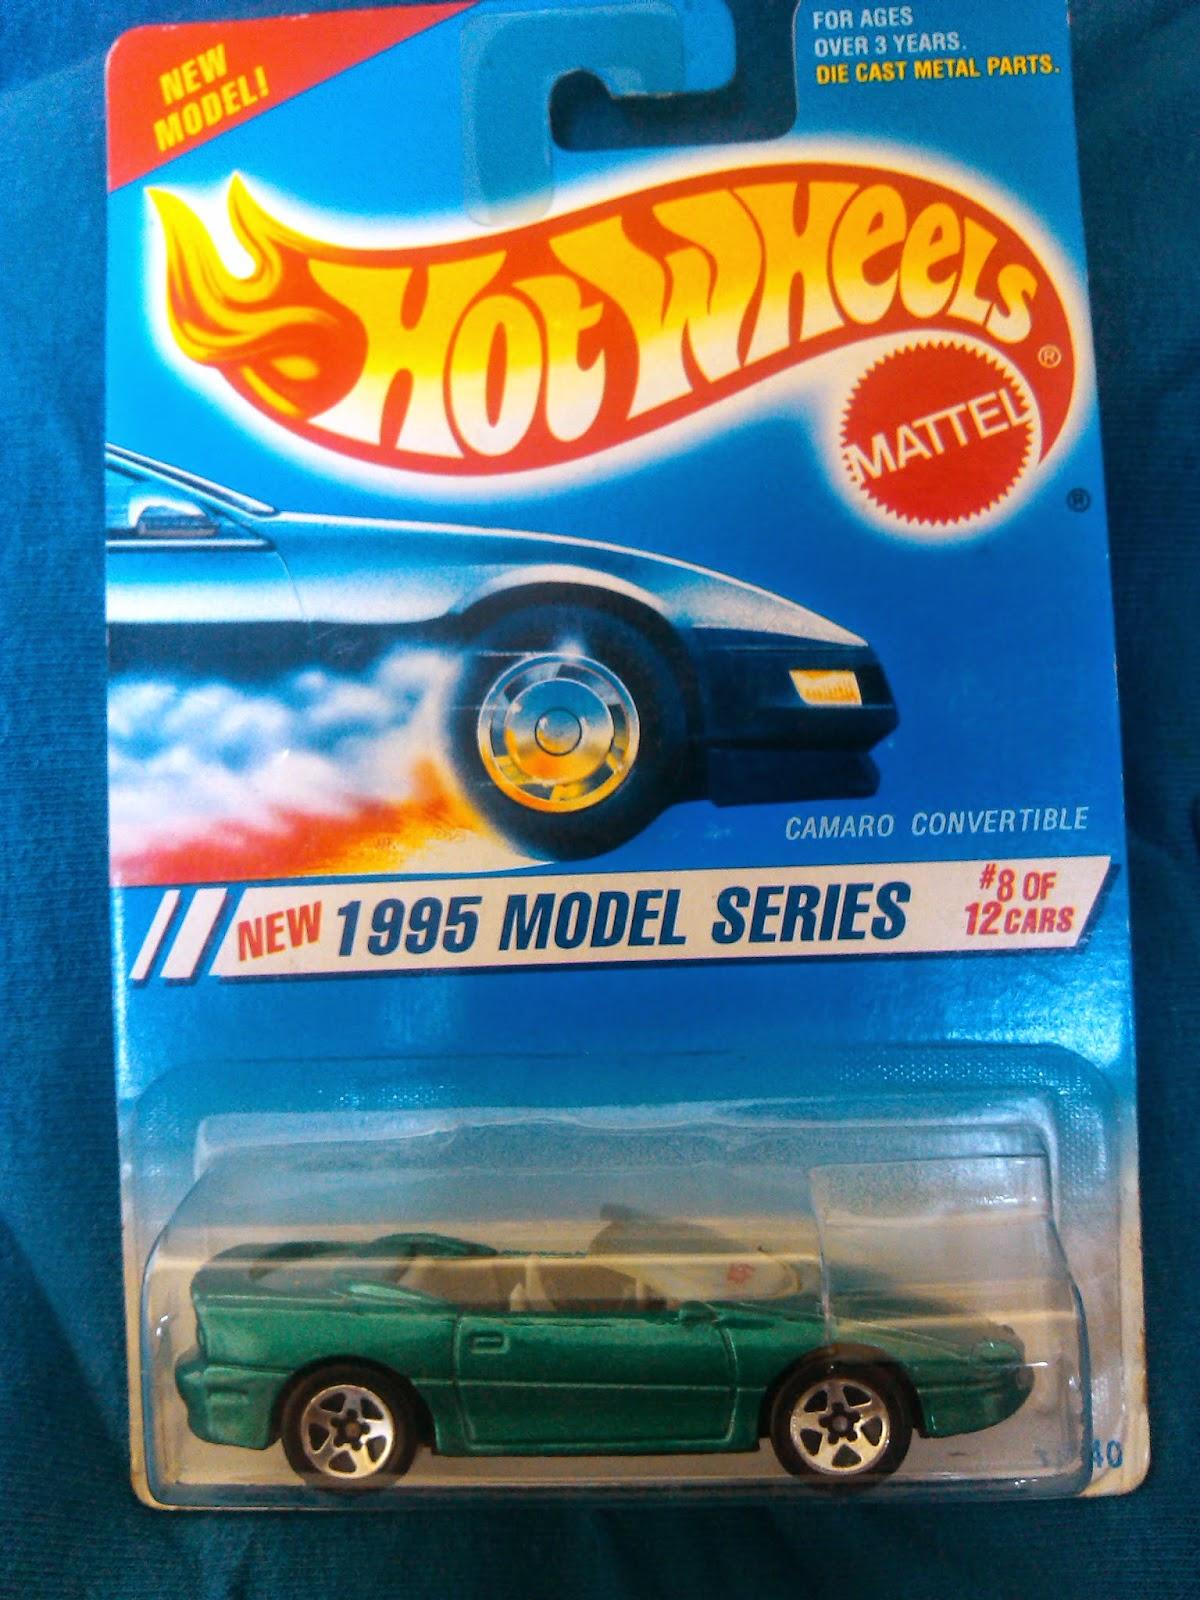 Colección Chevrolet Camaro en Blister Camaro+Convertible+1995+Model+Series+%238